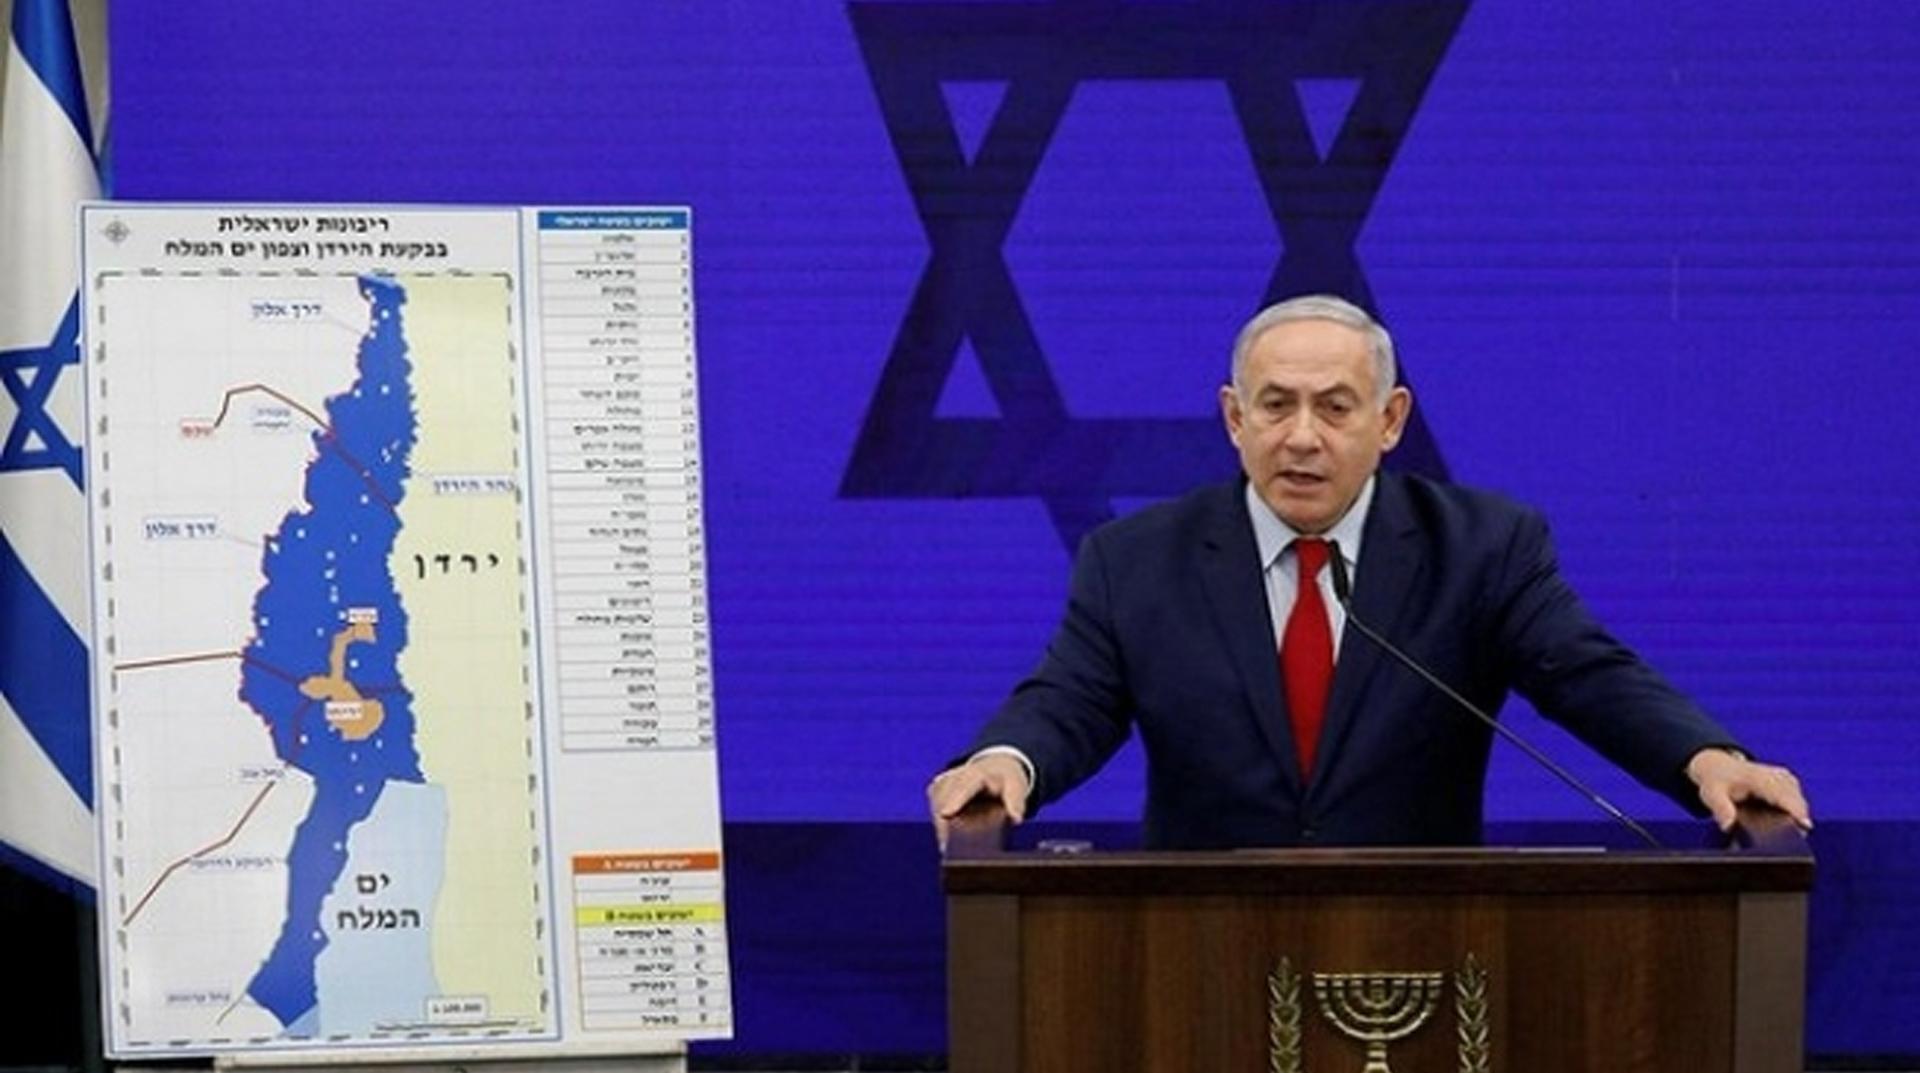 Çavuşoğlu: Netanyahu'nun seçim propagandası alçakça